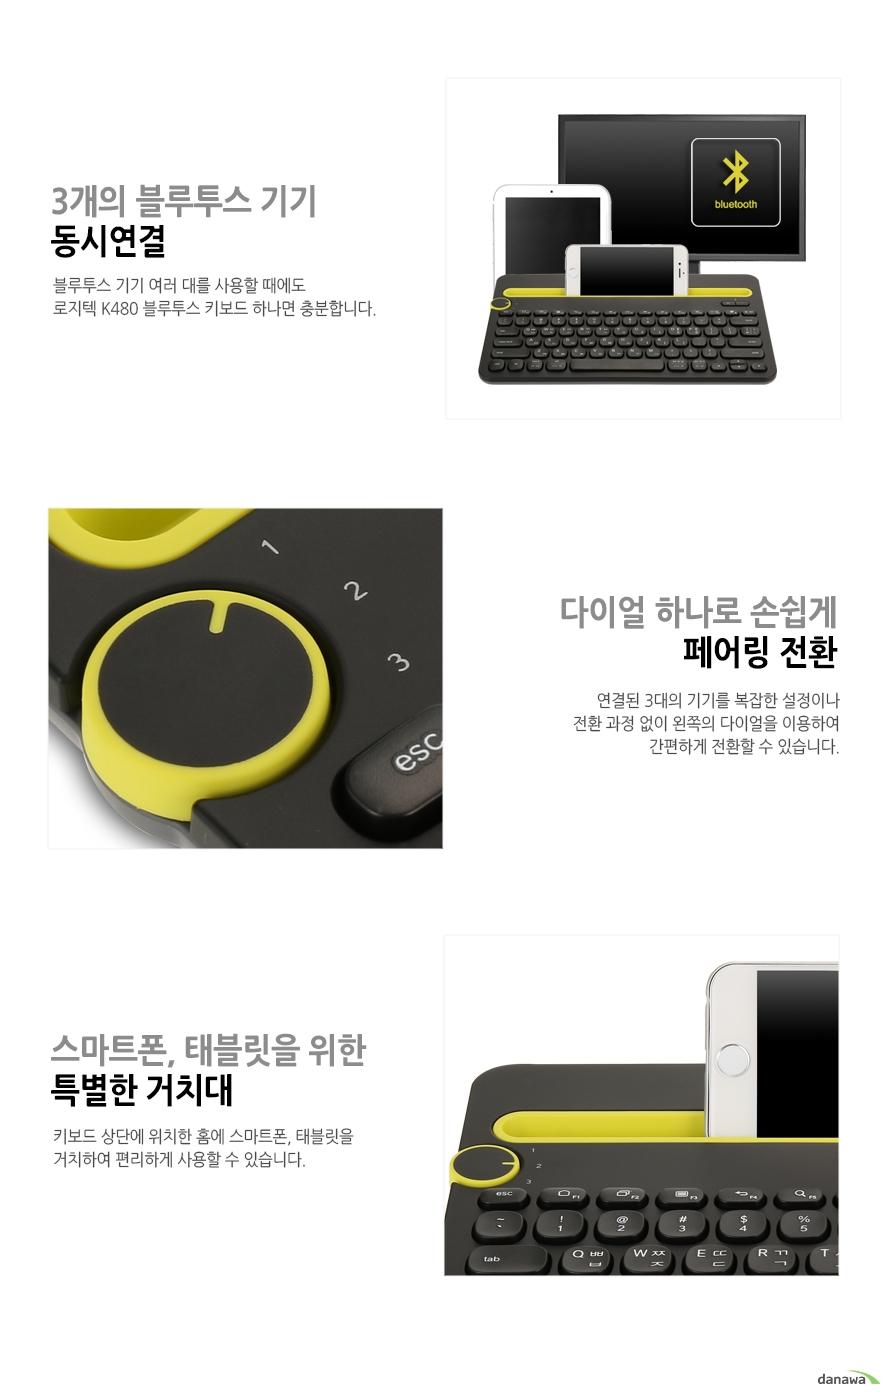 3개의 블루투스 기기 동시연결 블루투스 기기 여러 대를 사용할 때에도 로지텍 K480 블루투스 키보드 하나면 충분합니다 다이얼 하나로 손쉽게 페이링 전환 연결된 3대의 기기를 복잡한 설정이나 전환 과정 없이 왼쪽의 다이얼을 이용하여 간편하게 전환할 수 있습니다 스마트폰 태블릿을 위한 특별한 거치대 키보드 상단에 위차한 홈에 스마트폰 태블릿을 거치하여 편리하게 사용할 수 있습니다